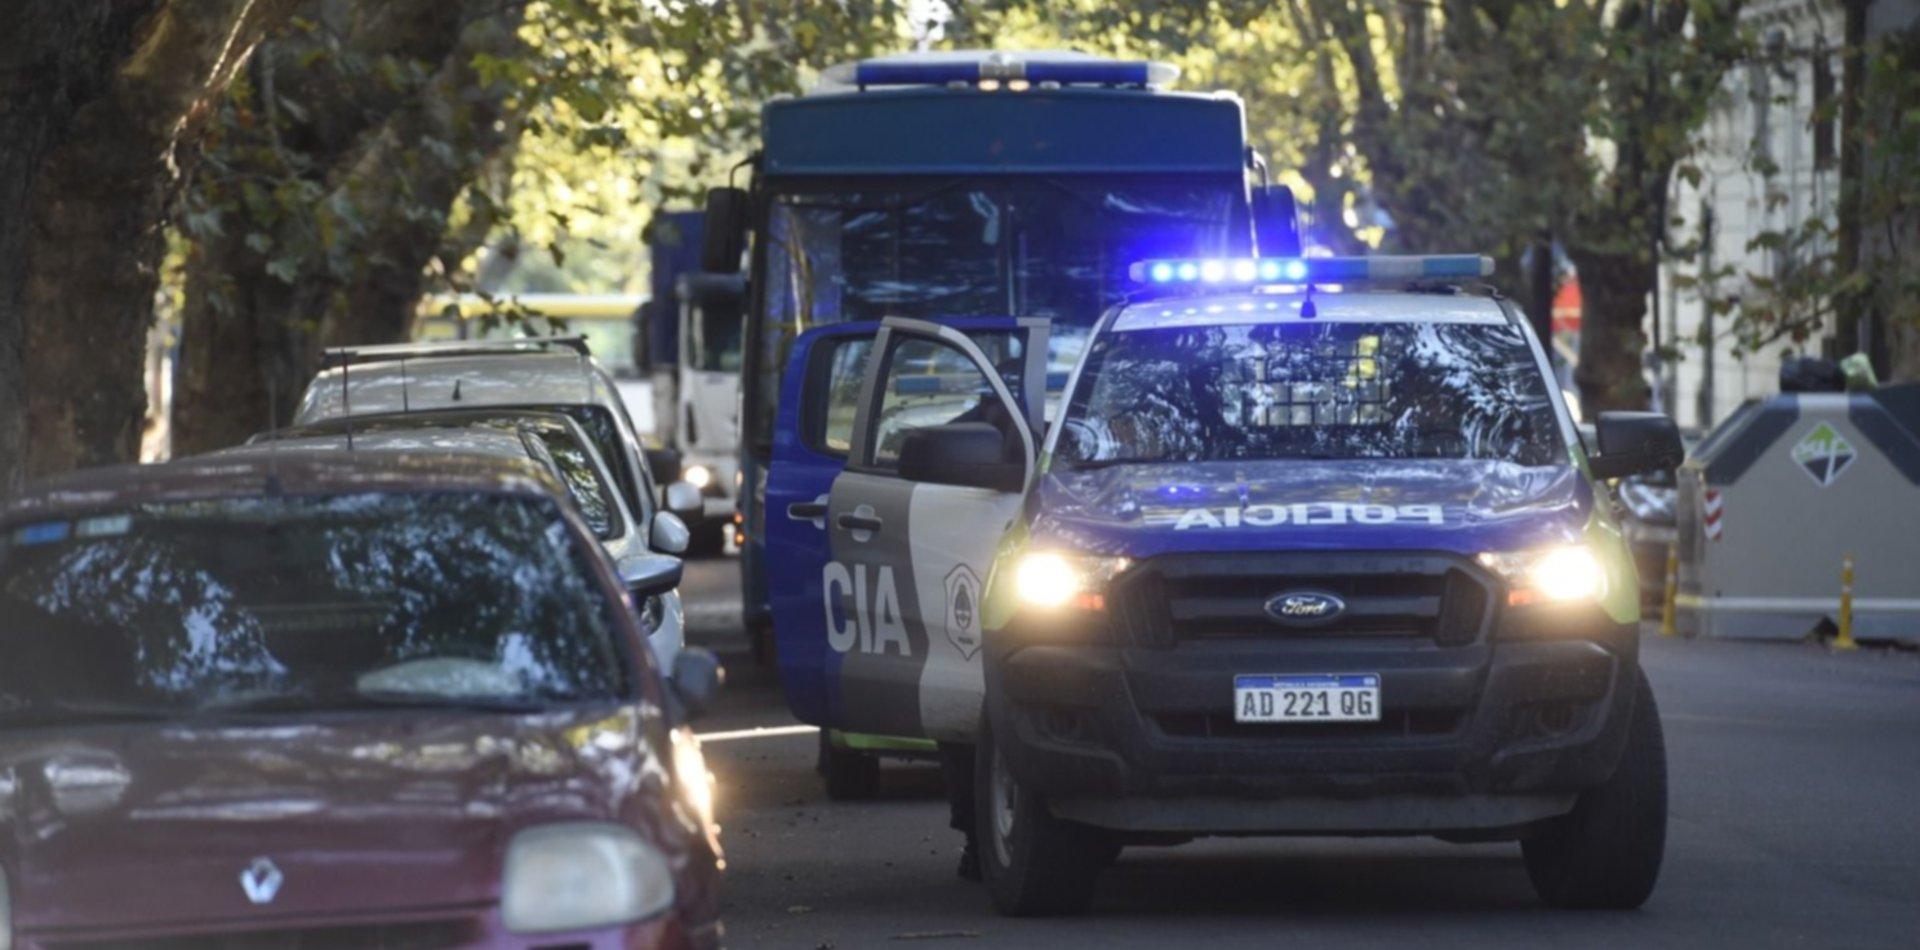 Brutal asalto en La Plata: golpearon a un hombre, redujeron a su familia y les robaron